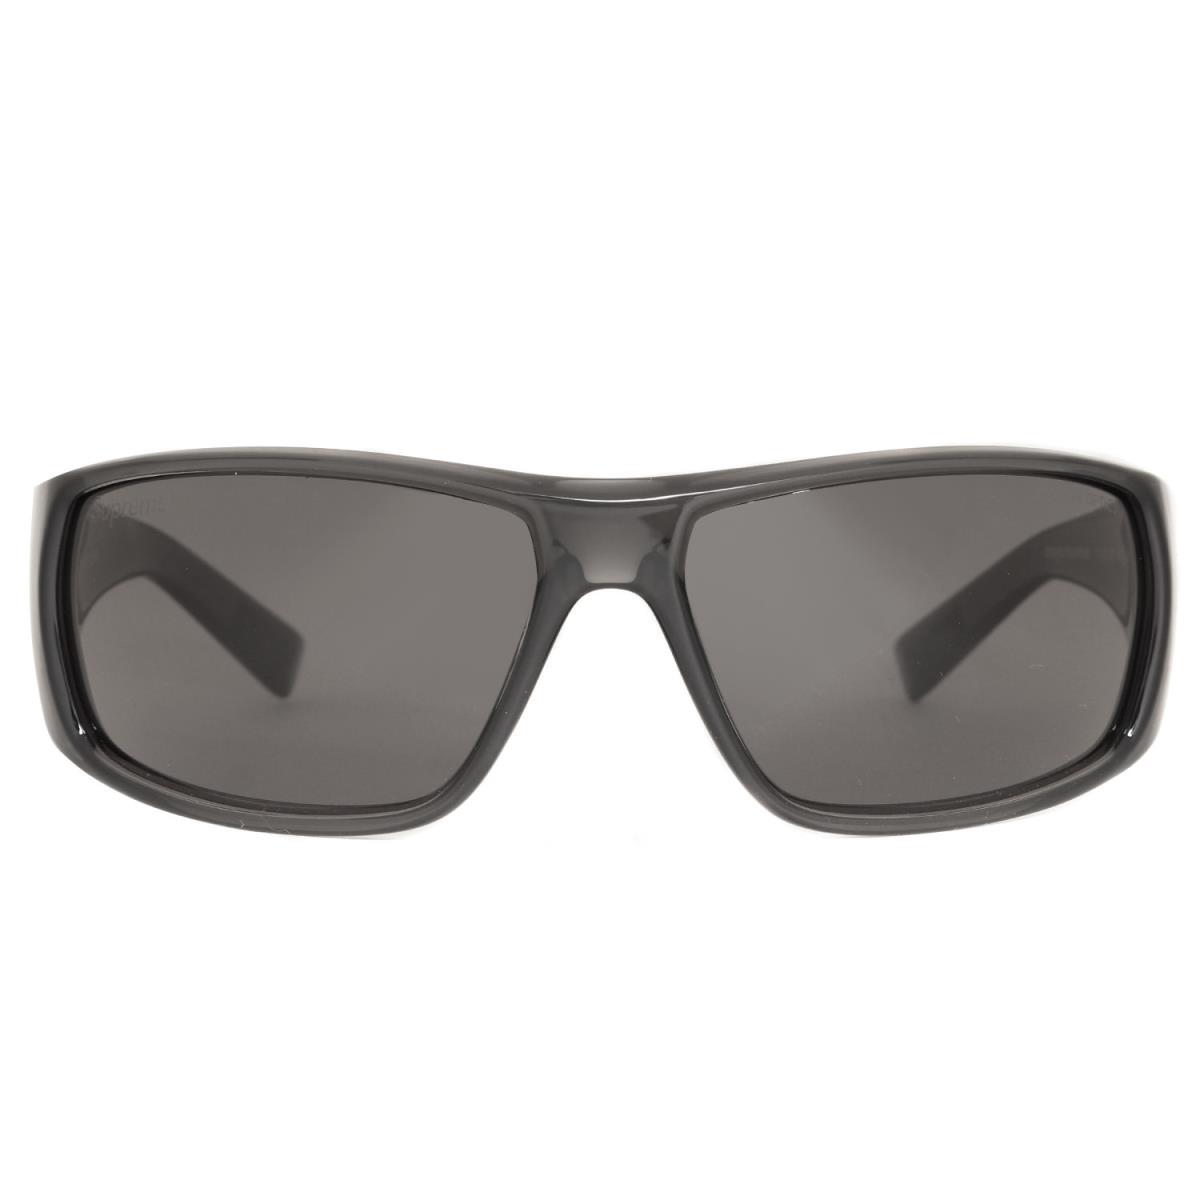 眼鏡・サングラス, サングラス Supreme NIKE Sunglasses 19AW K3105